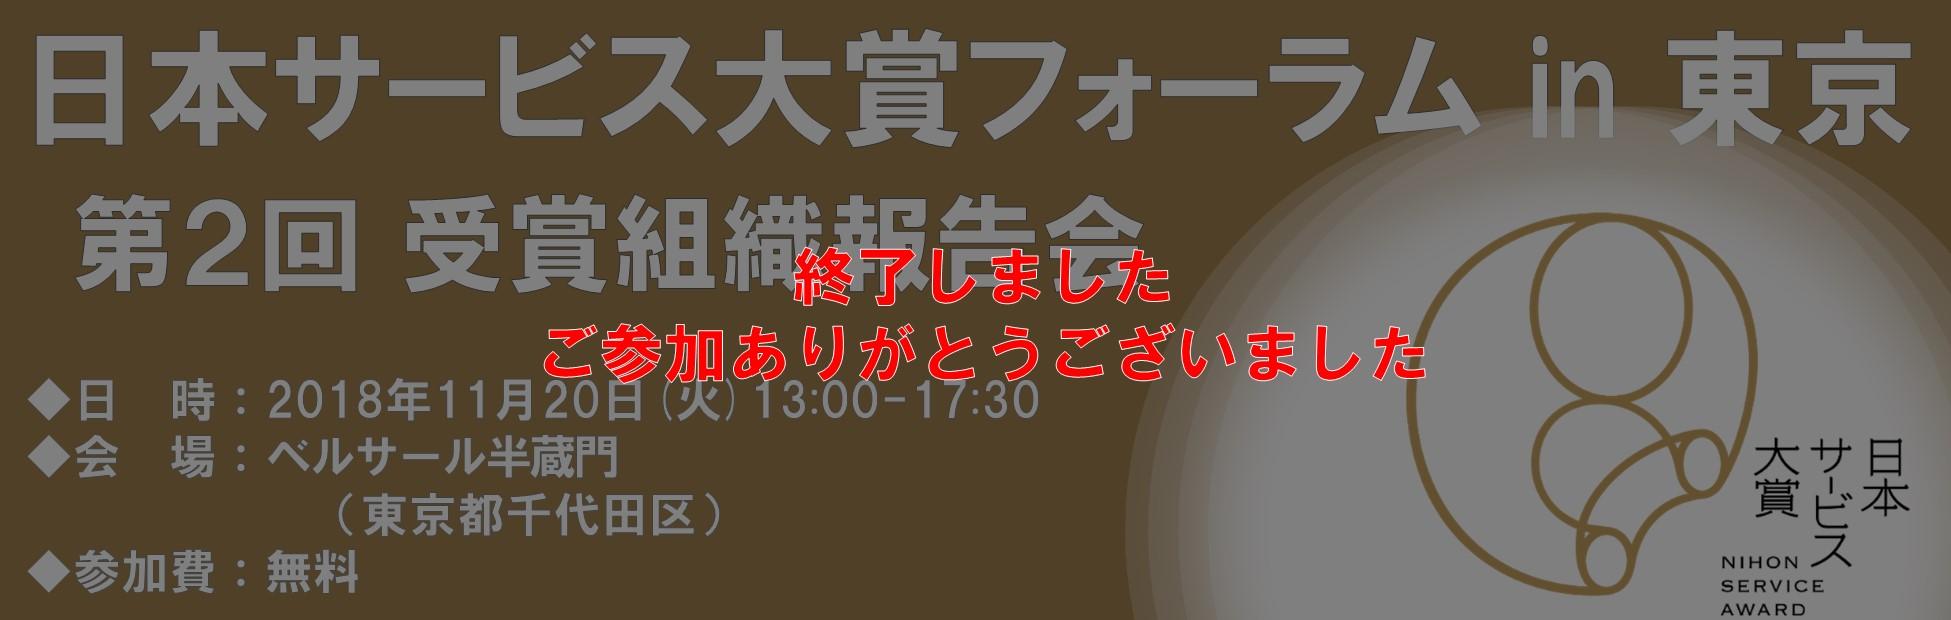 日本サービス大賞フォーラム in 東京 は終了しました